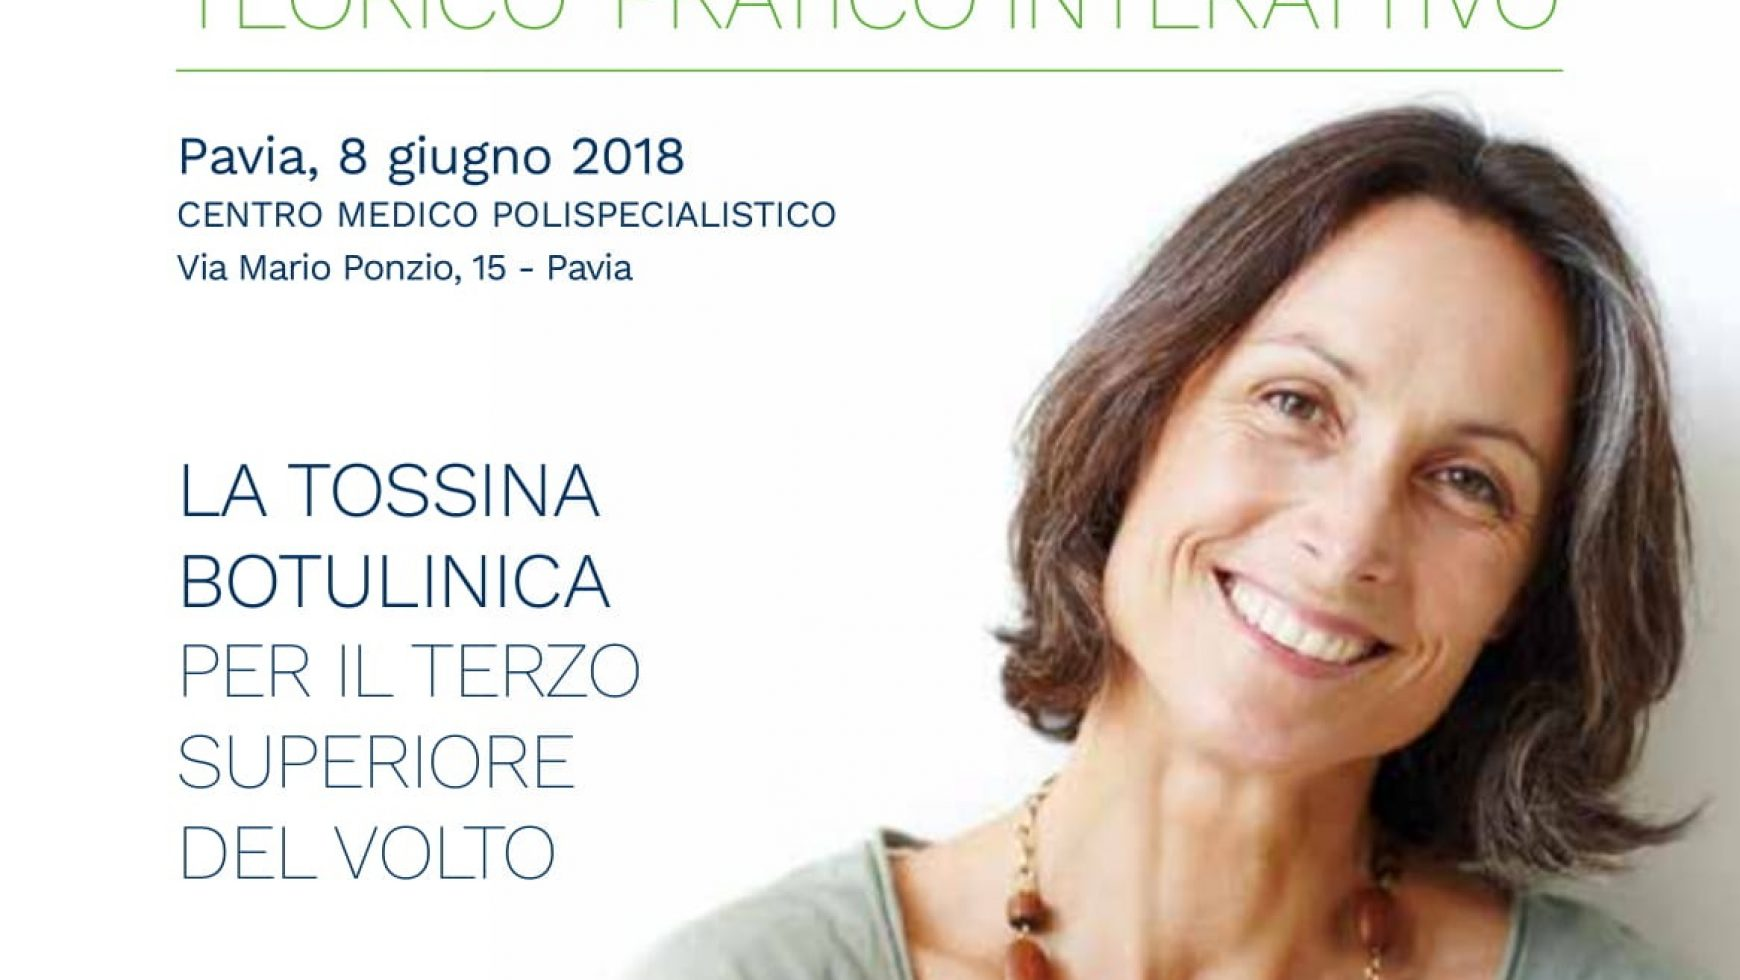 """Corso Base Teorico– Pratico Interattivo: """" La Tossina Botulinica per il terzo superiore  del volto""""  Pavia, 8 giugno 2018"""